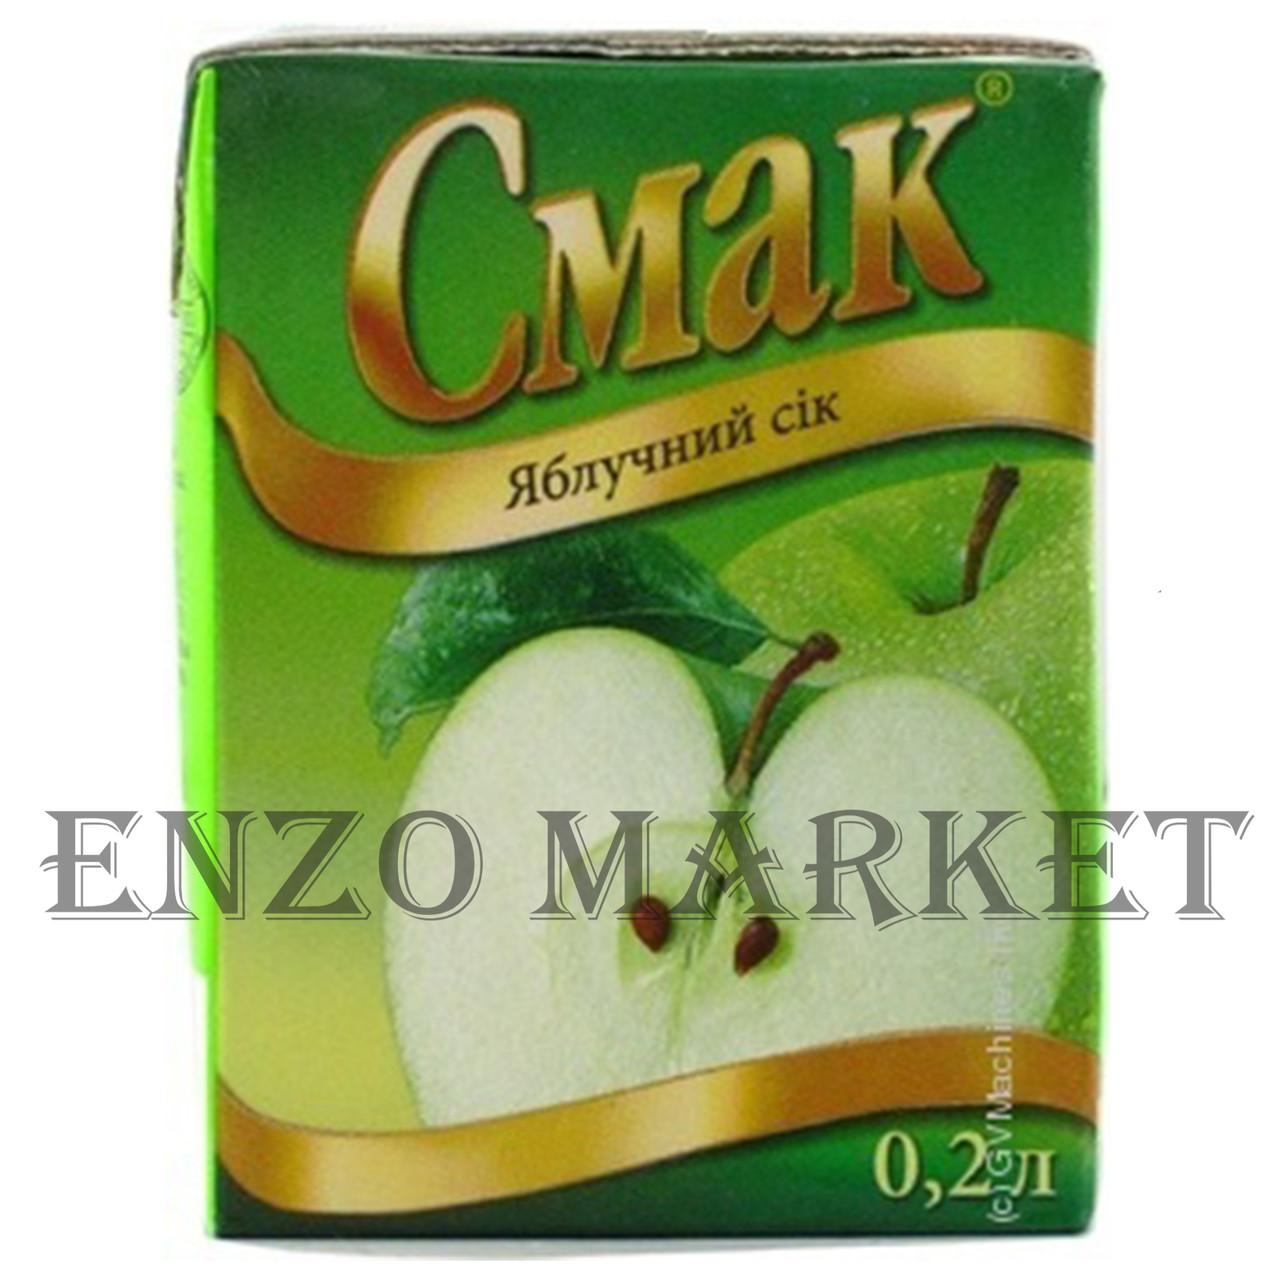 Сок Яблочный, 0,2 литра